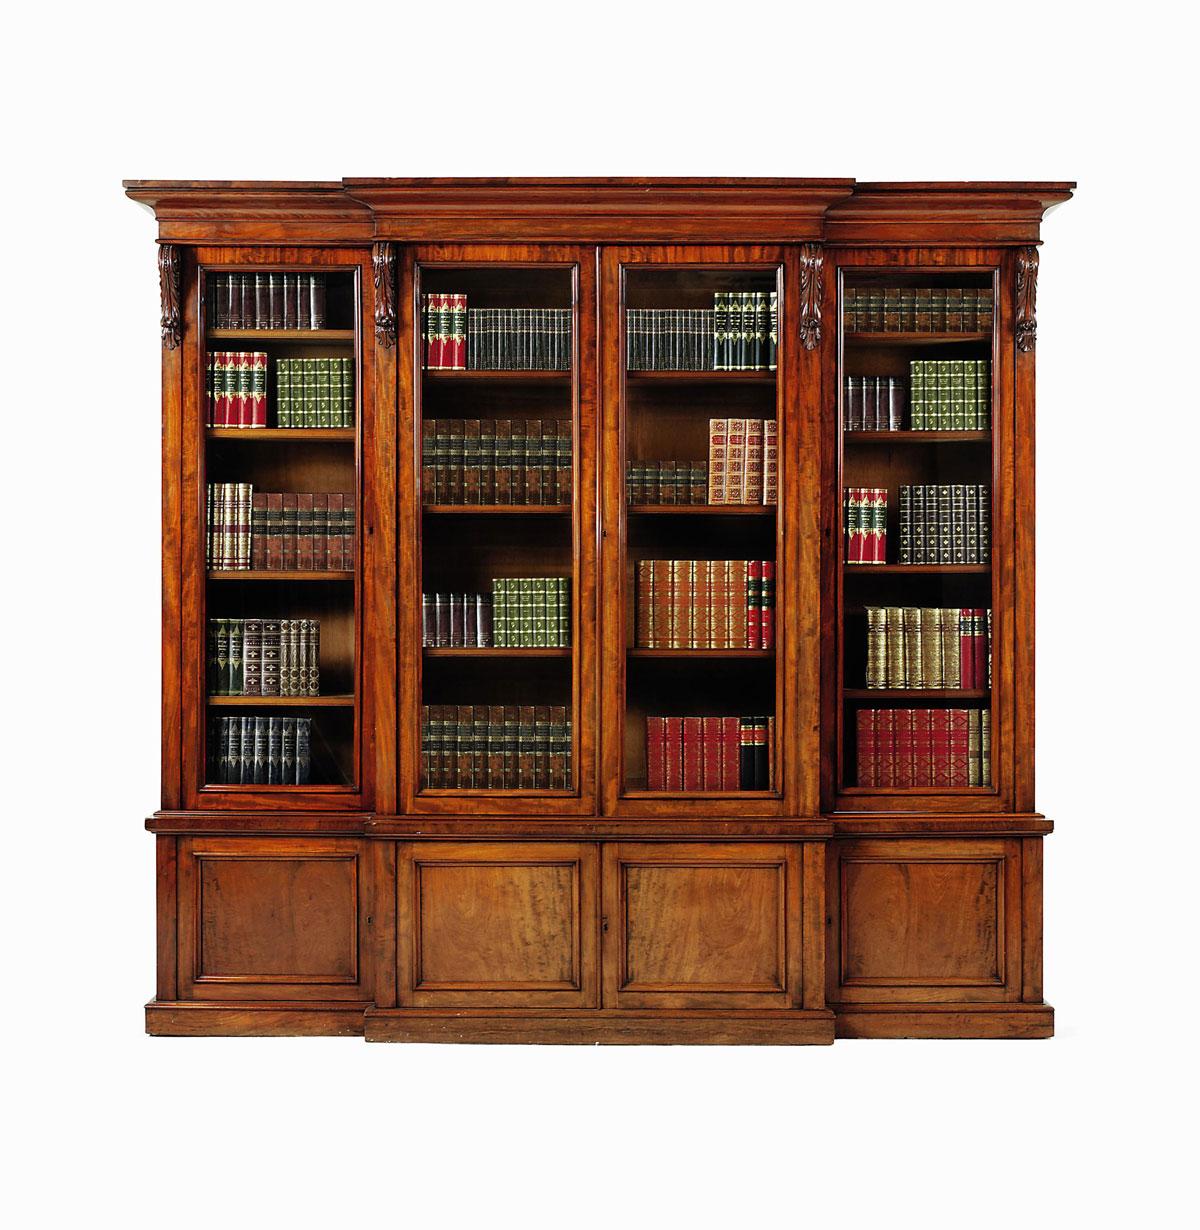 mobilier ancien- meuble 18ème commode secrétaire table meuble 19ème empire napoléon restauration louis philippe